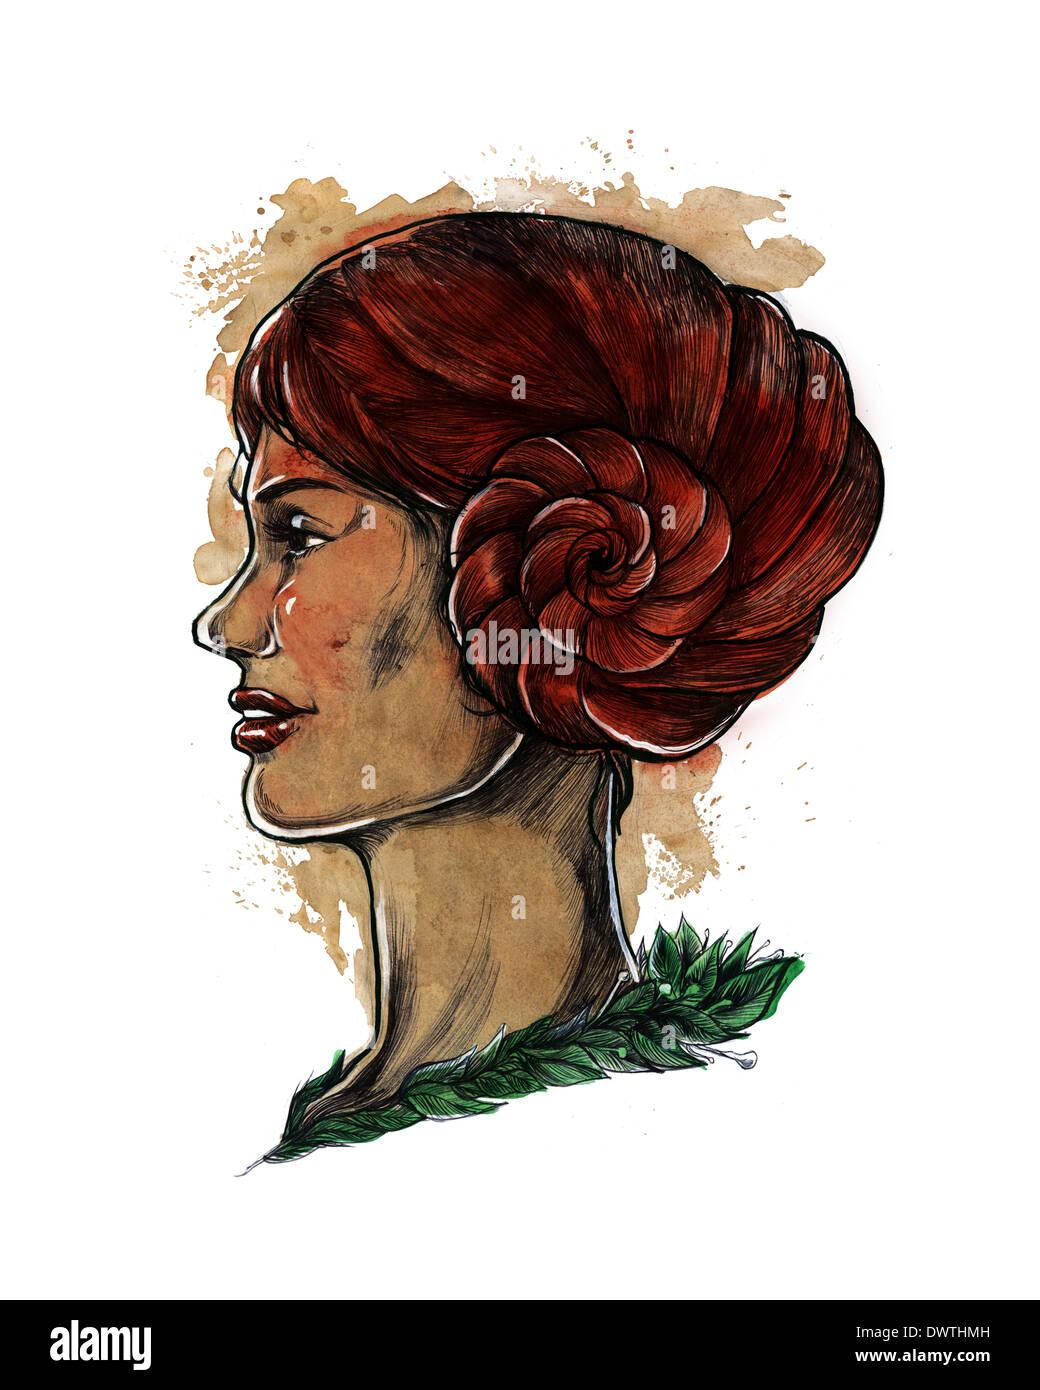 Darstellung der Frau mit Haaren in Spirale gehörnten Symbol für Sternzeichen Widder Stockfoto